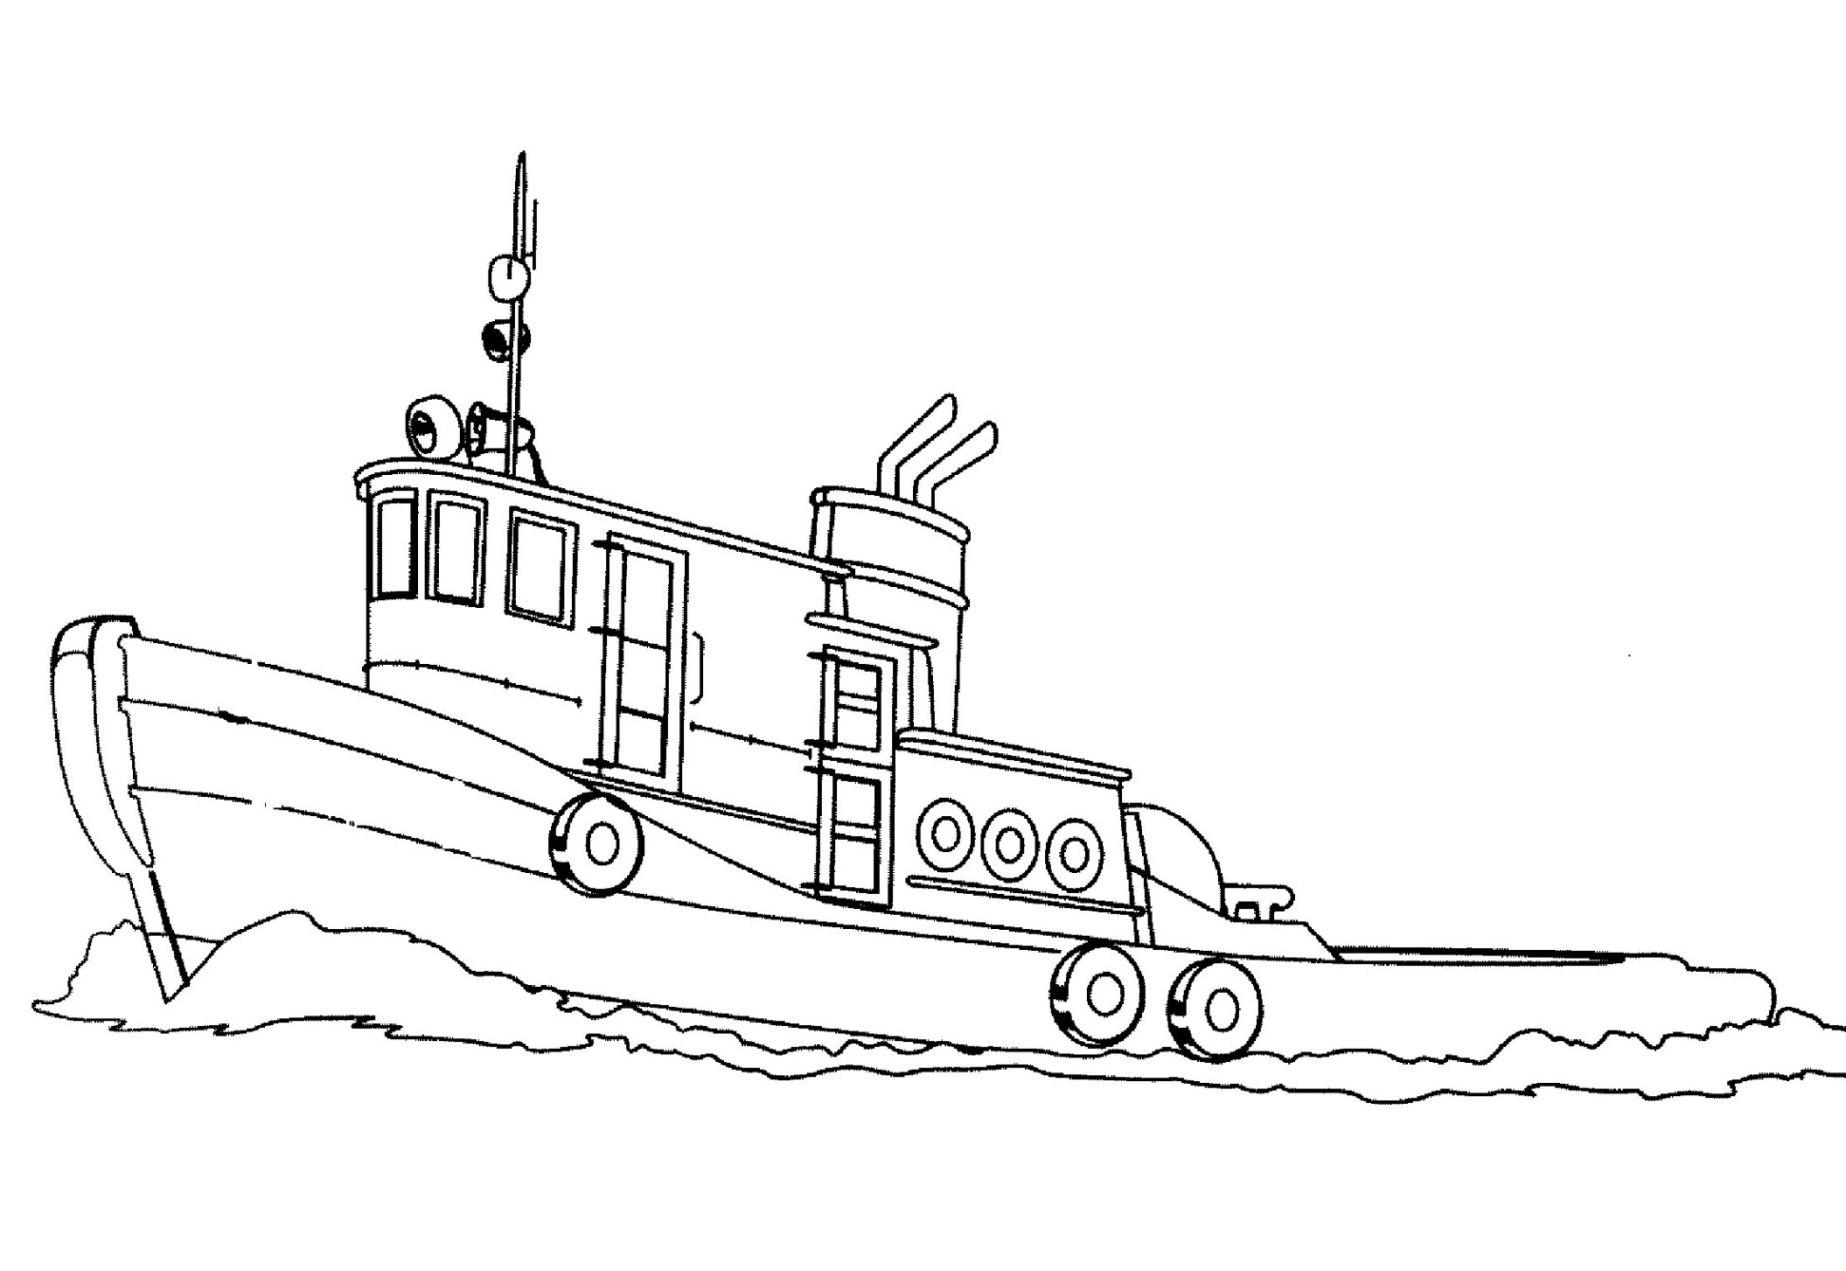 Malvorlagen Schiffe | My blog